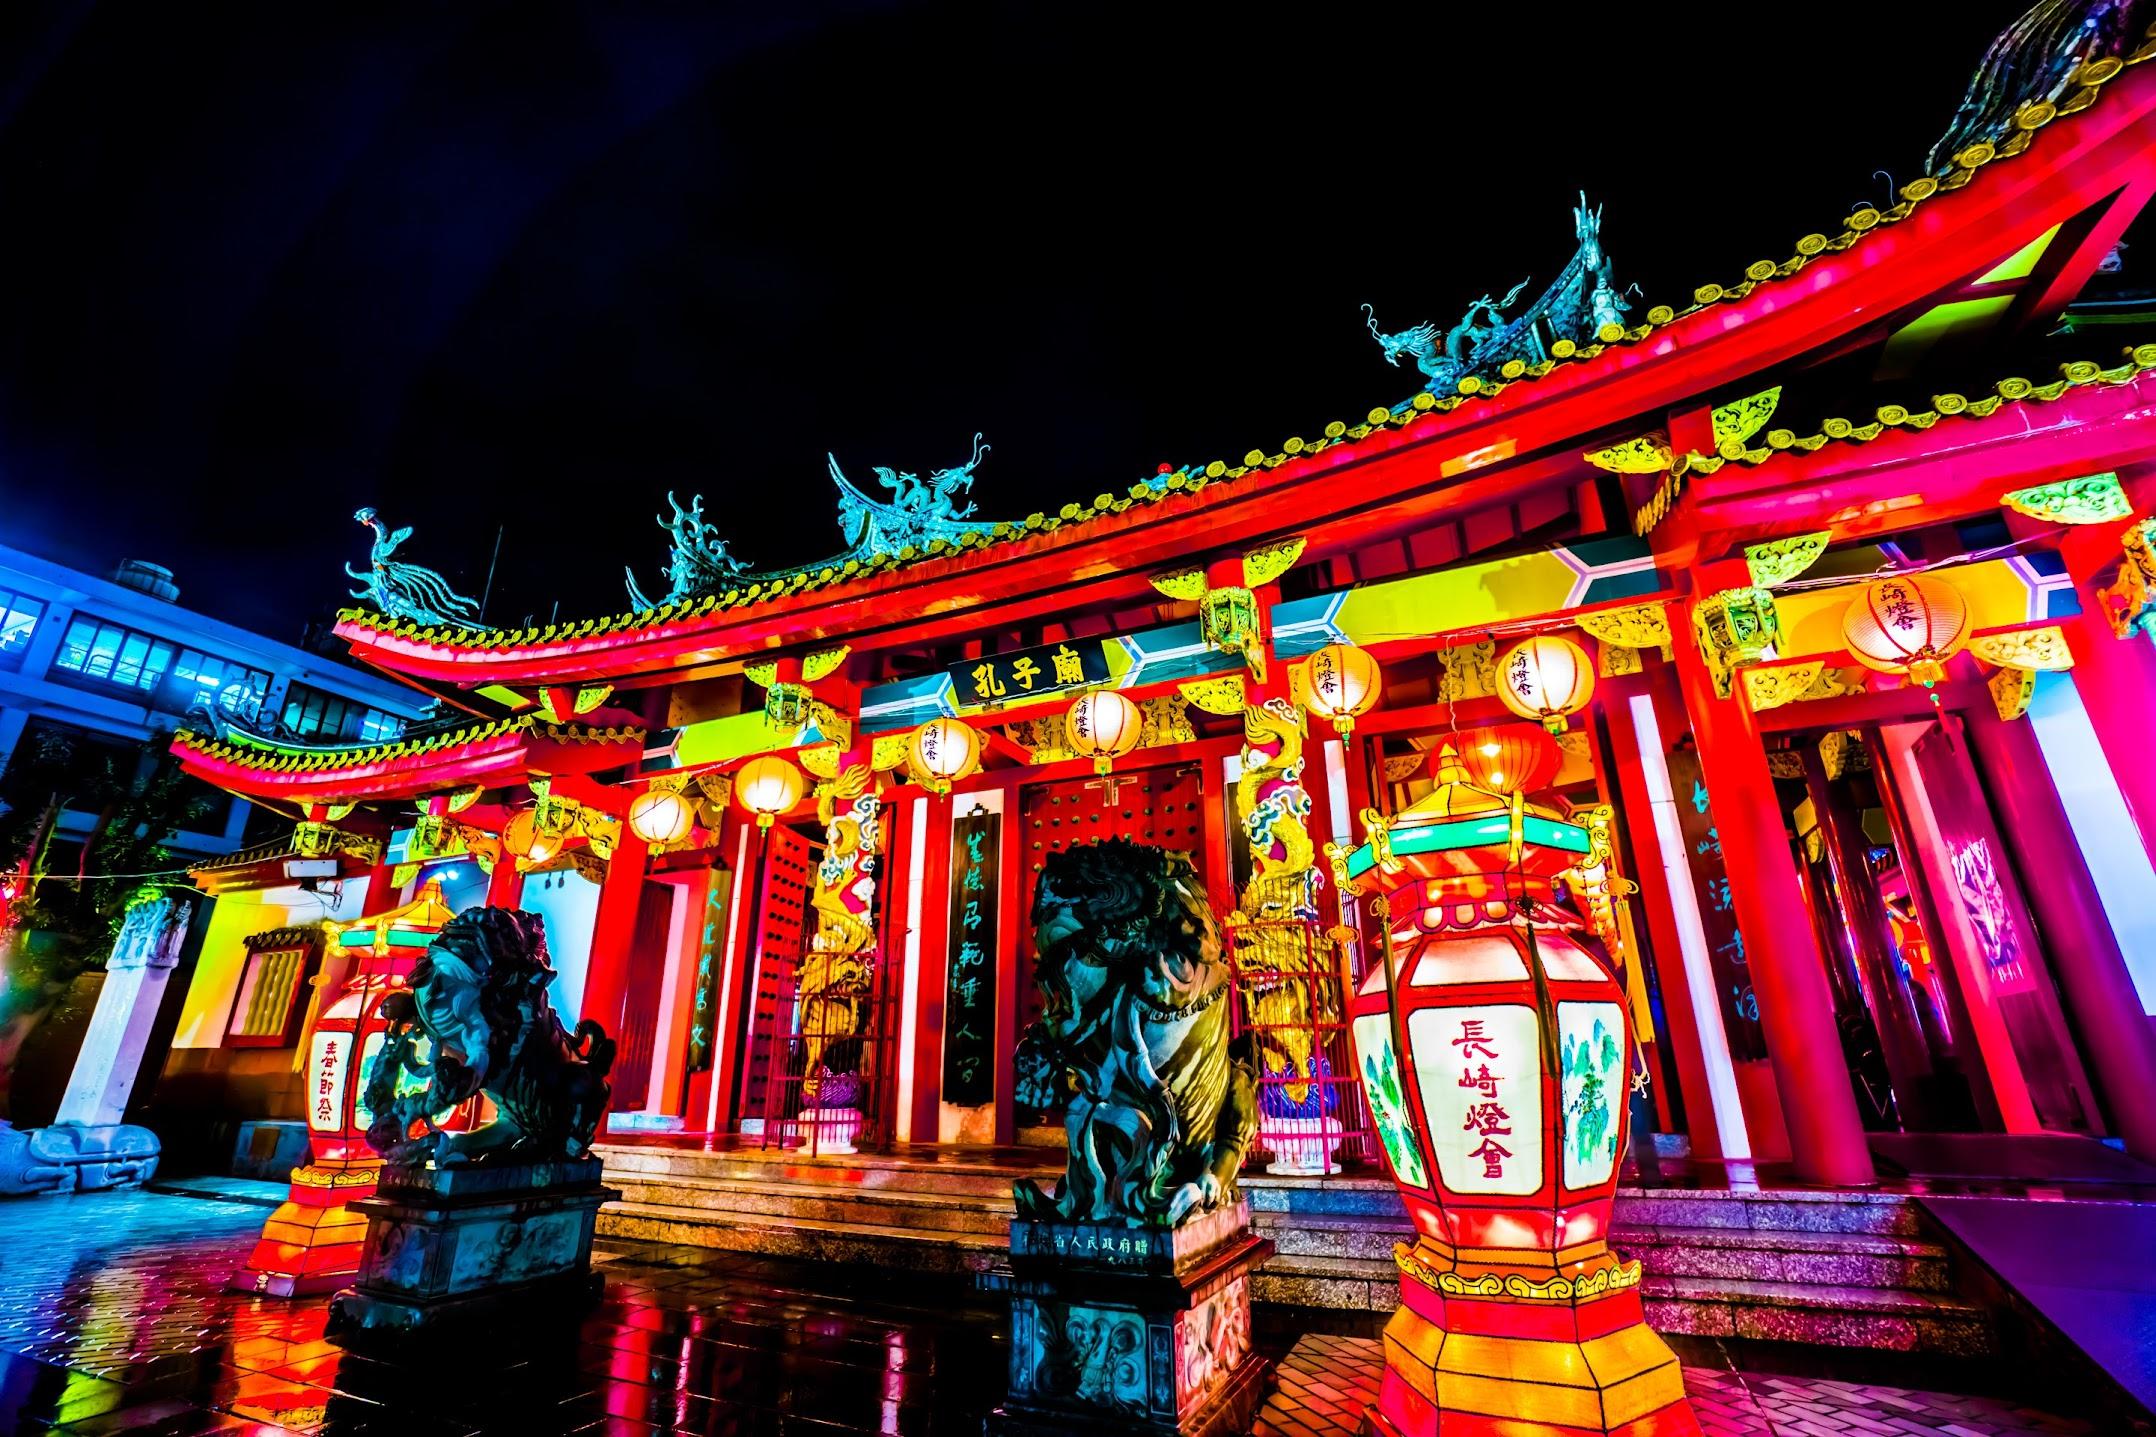 長崎ランタンフェスティバル 孔子廟1